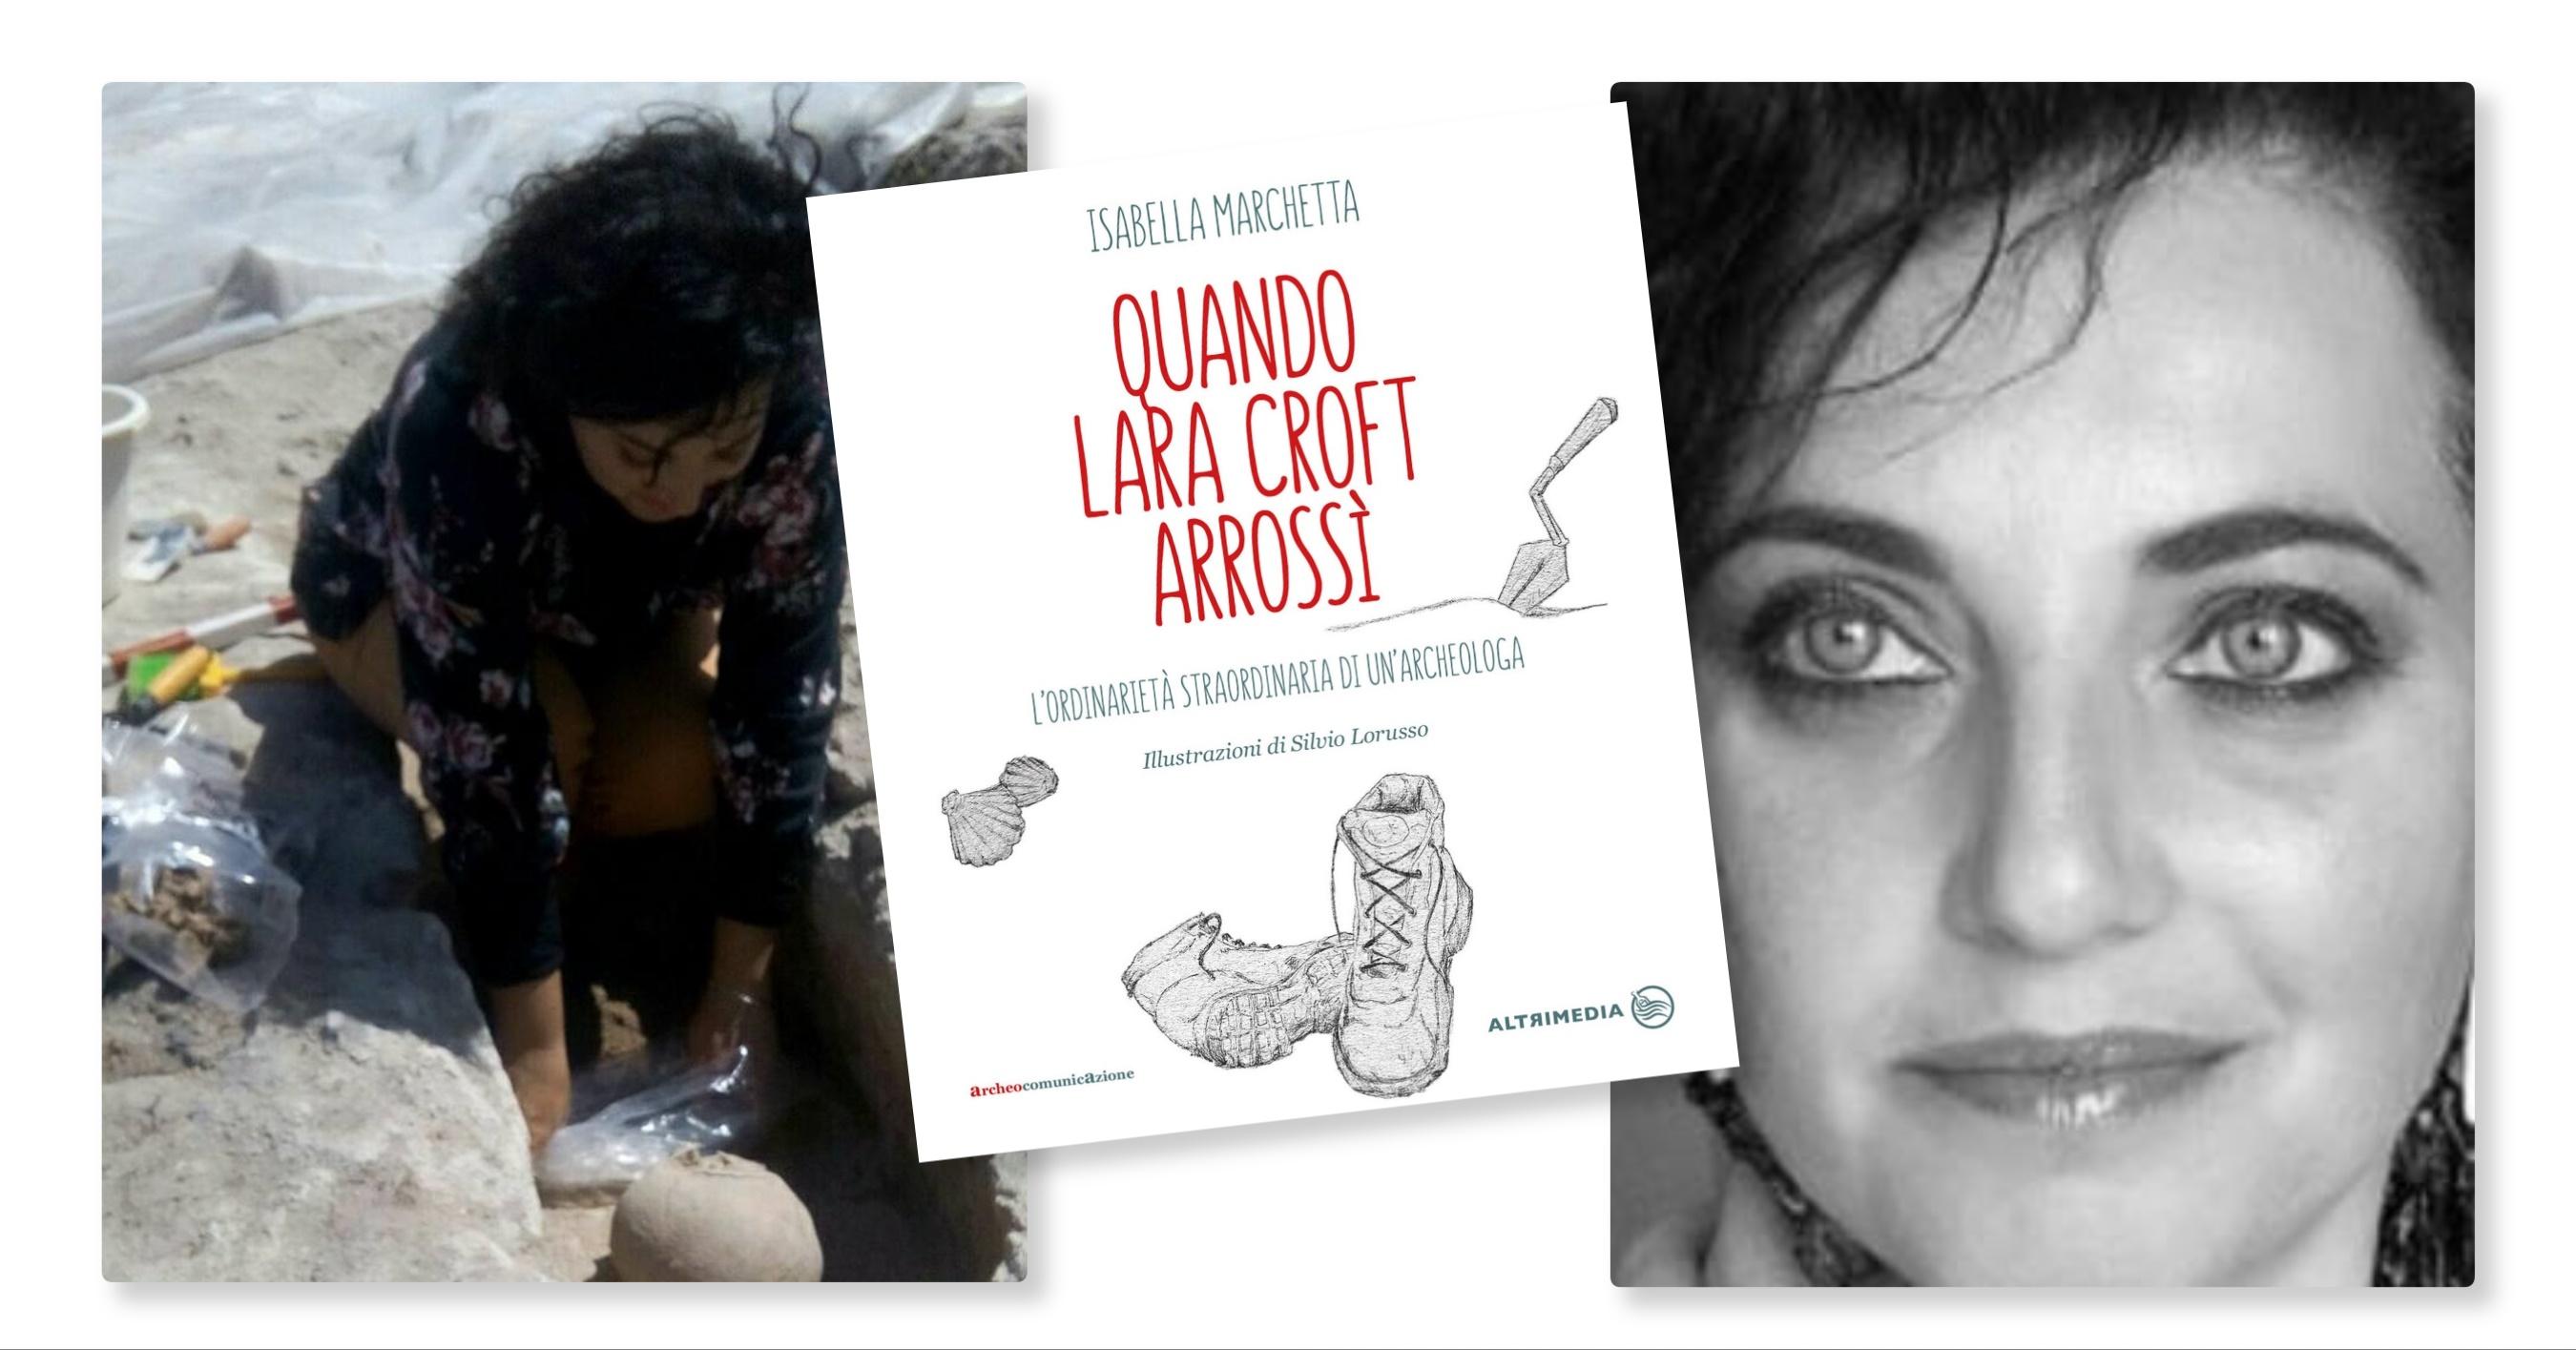 Risultati immagini per isabella Marchetta Lara Croft